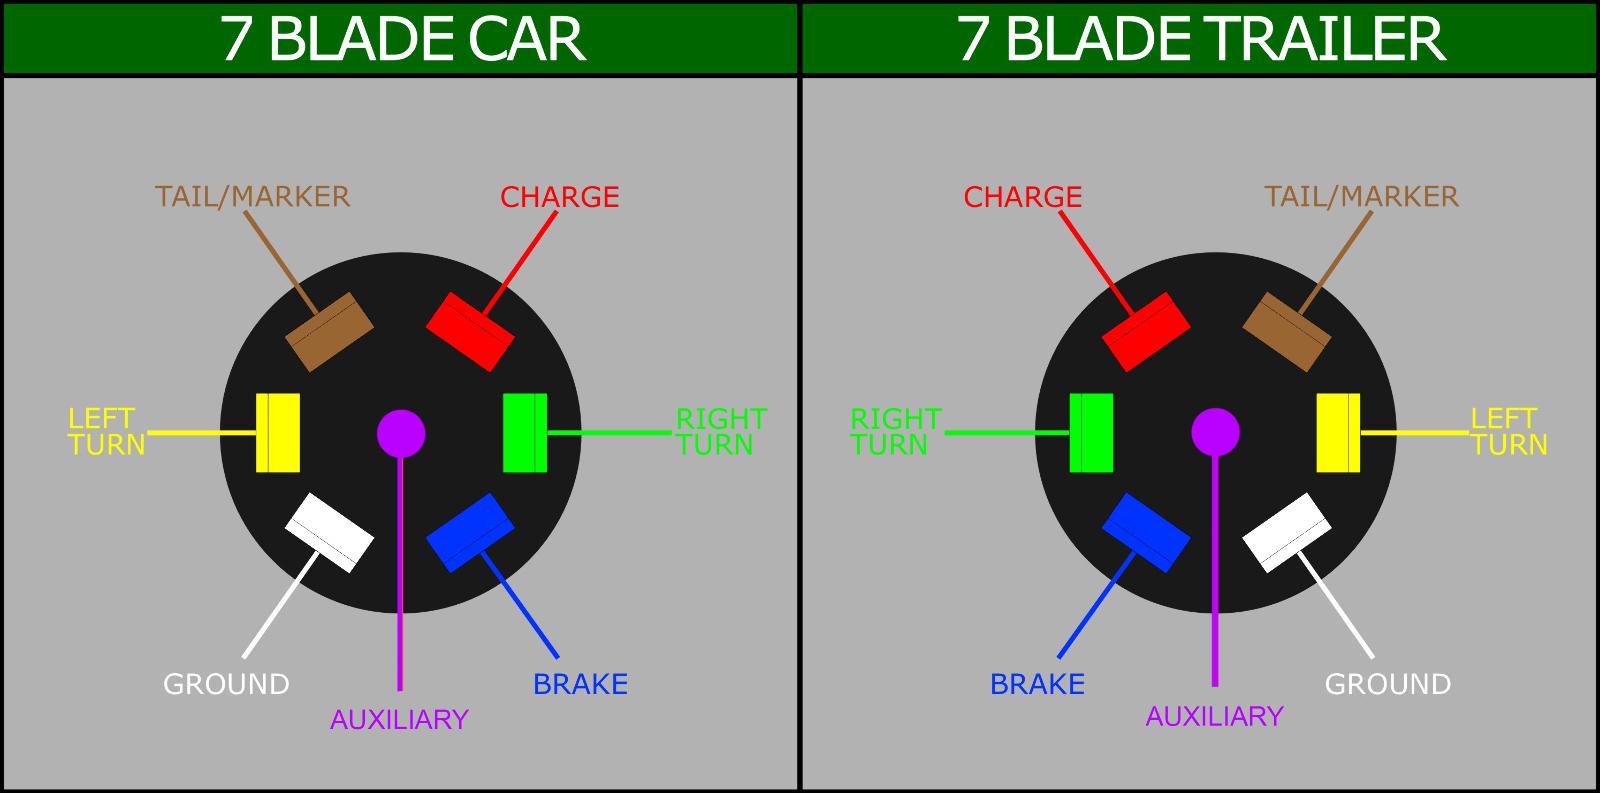 6 Pin Trailer Plug Wiring - Data Wiring Diagram Today - 7 Blade Wiring Diagram